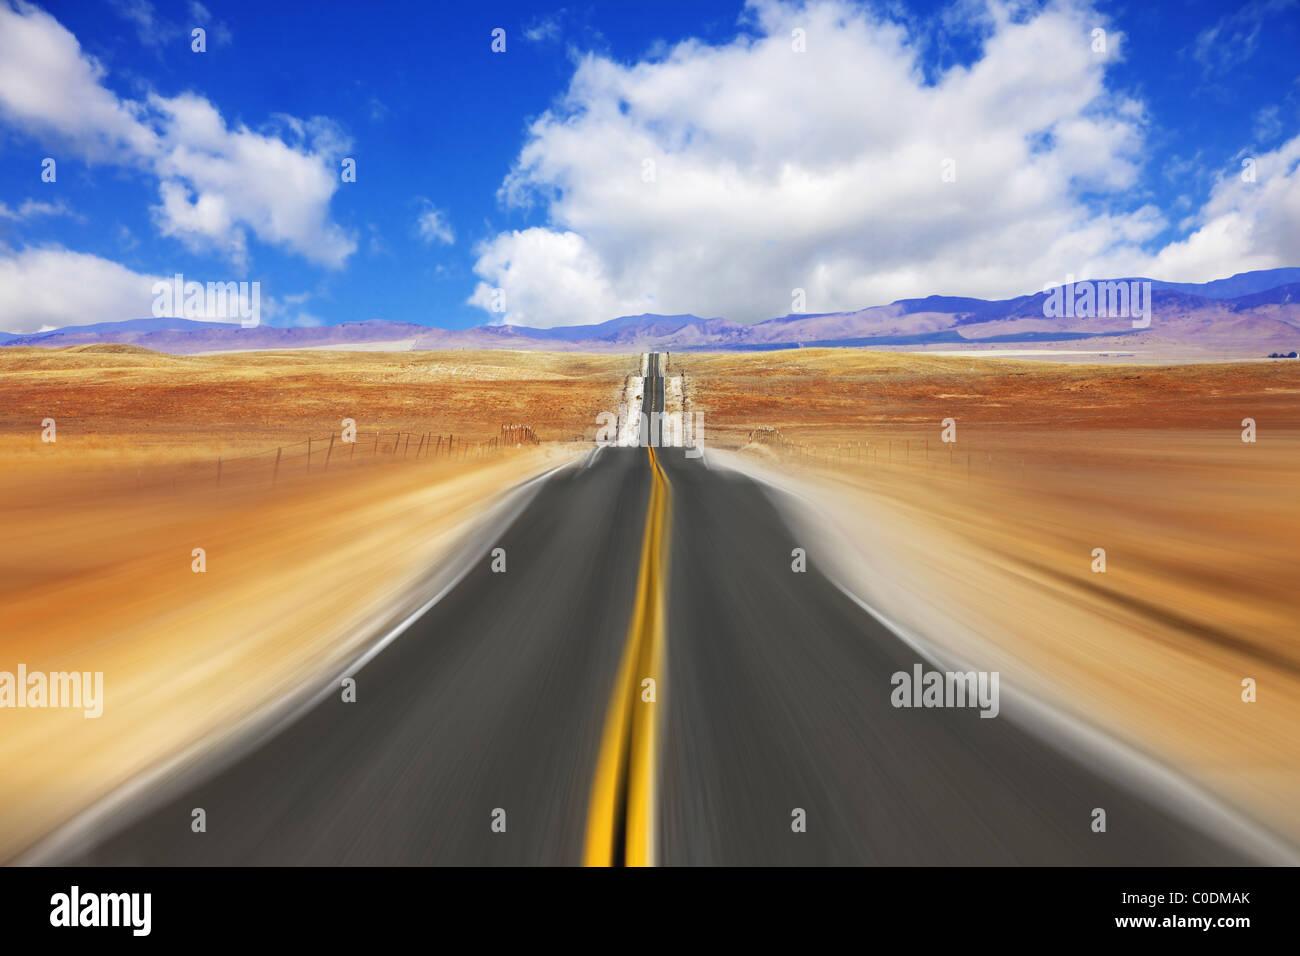 Mirage bei hoher Geschwindigkeit in Wüste Stockbild